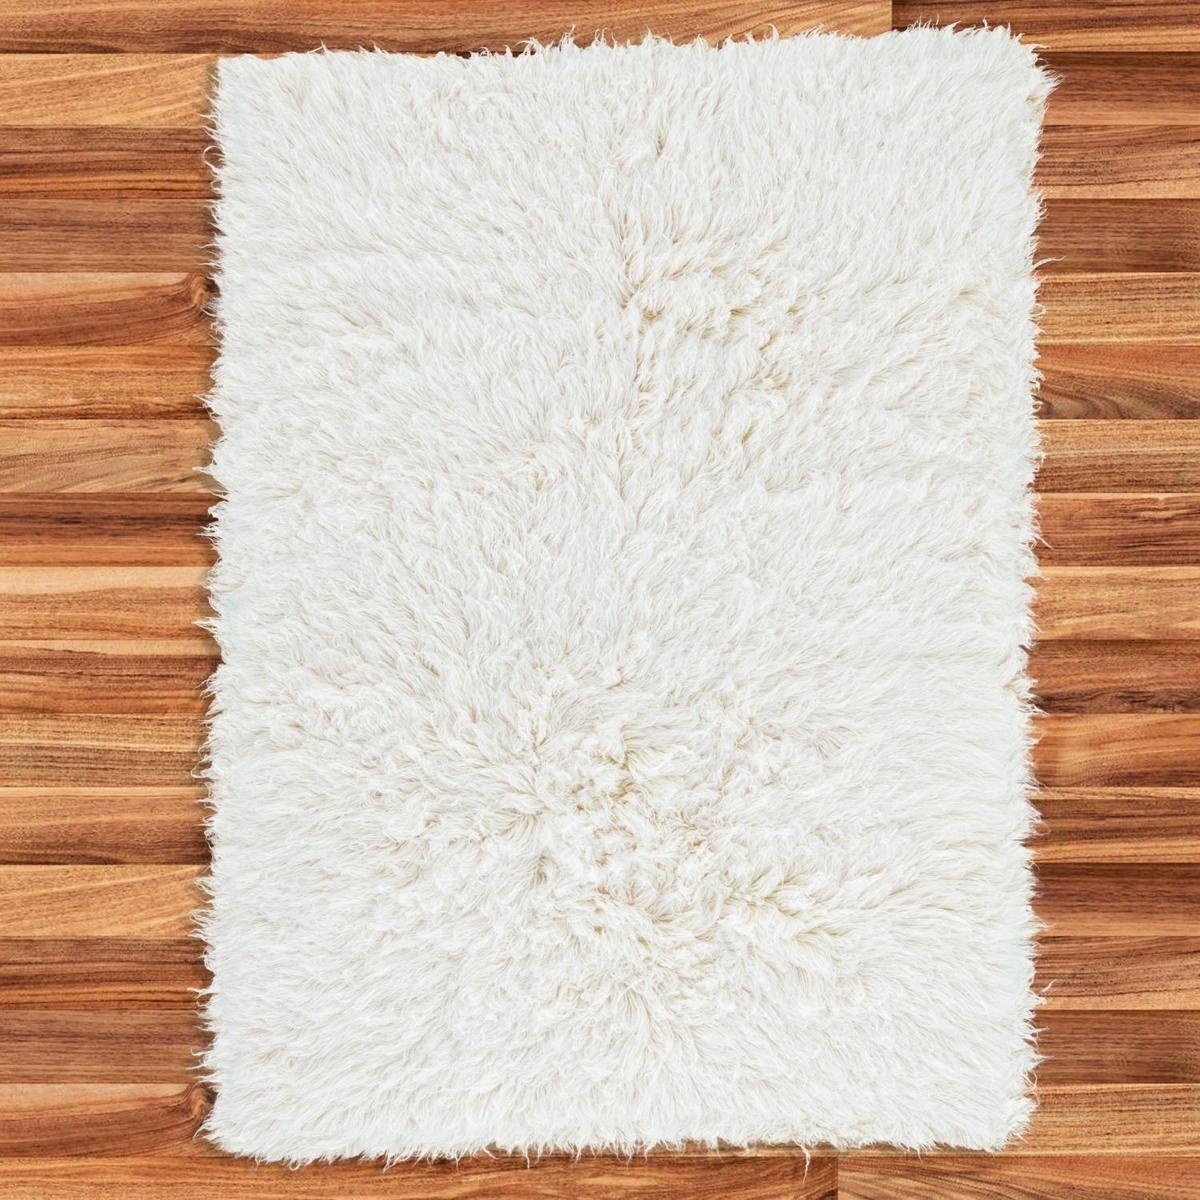 Buy Natural Flokati Rug 2800g/m2 200x300cm